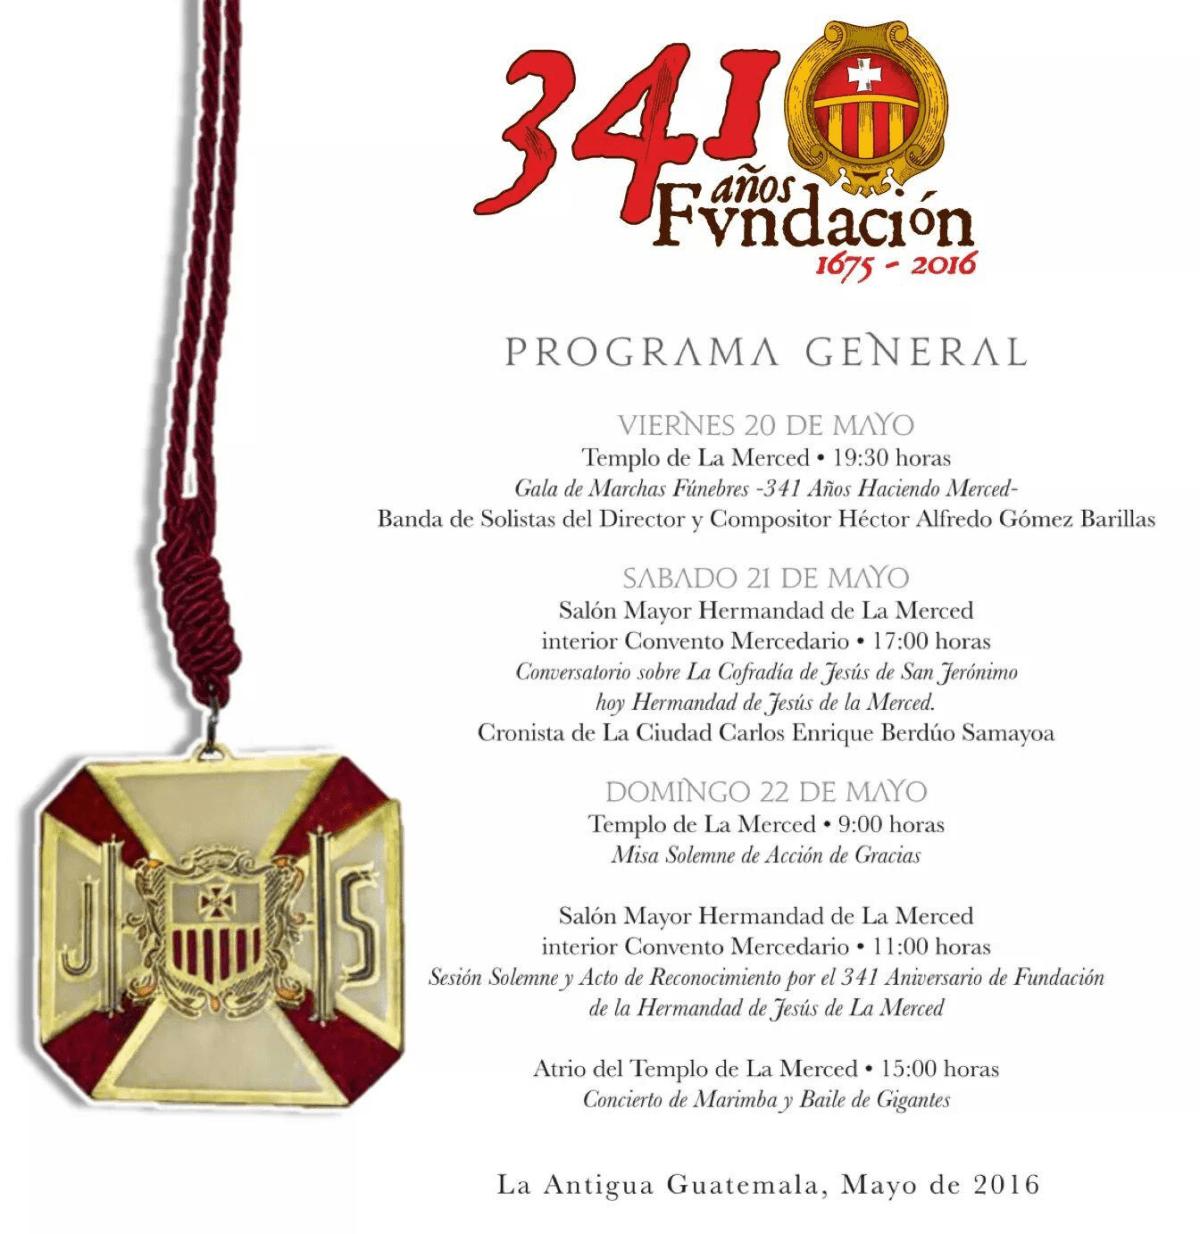 341 Años de Fundación Hermandad de la Merced